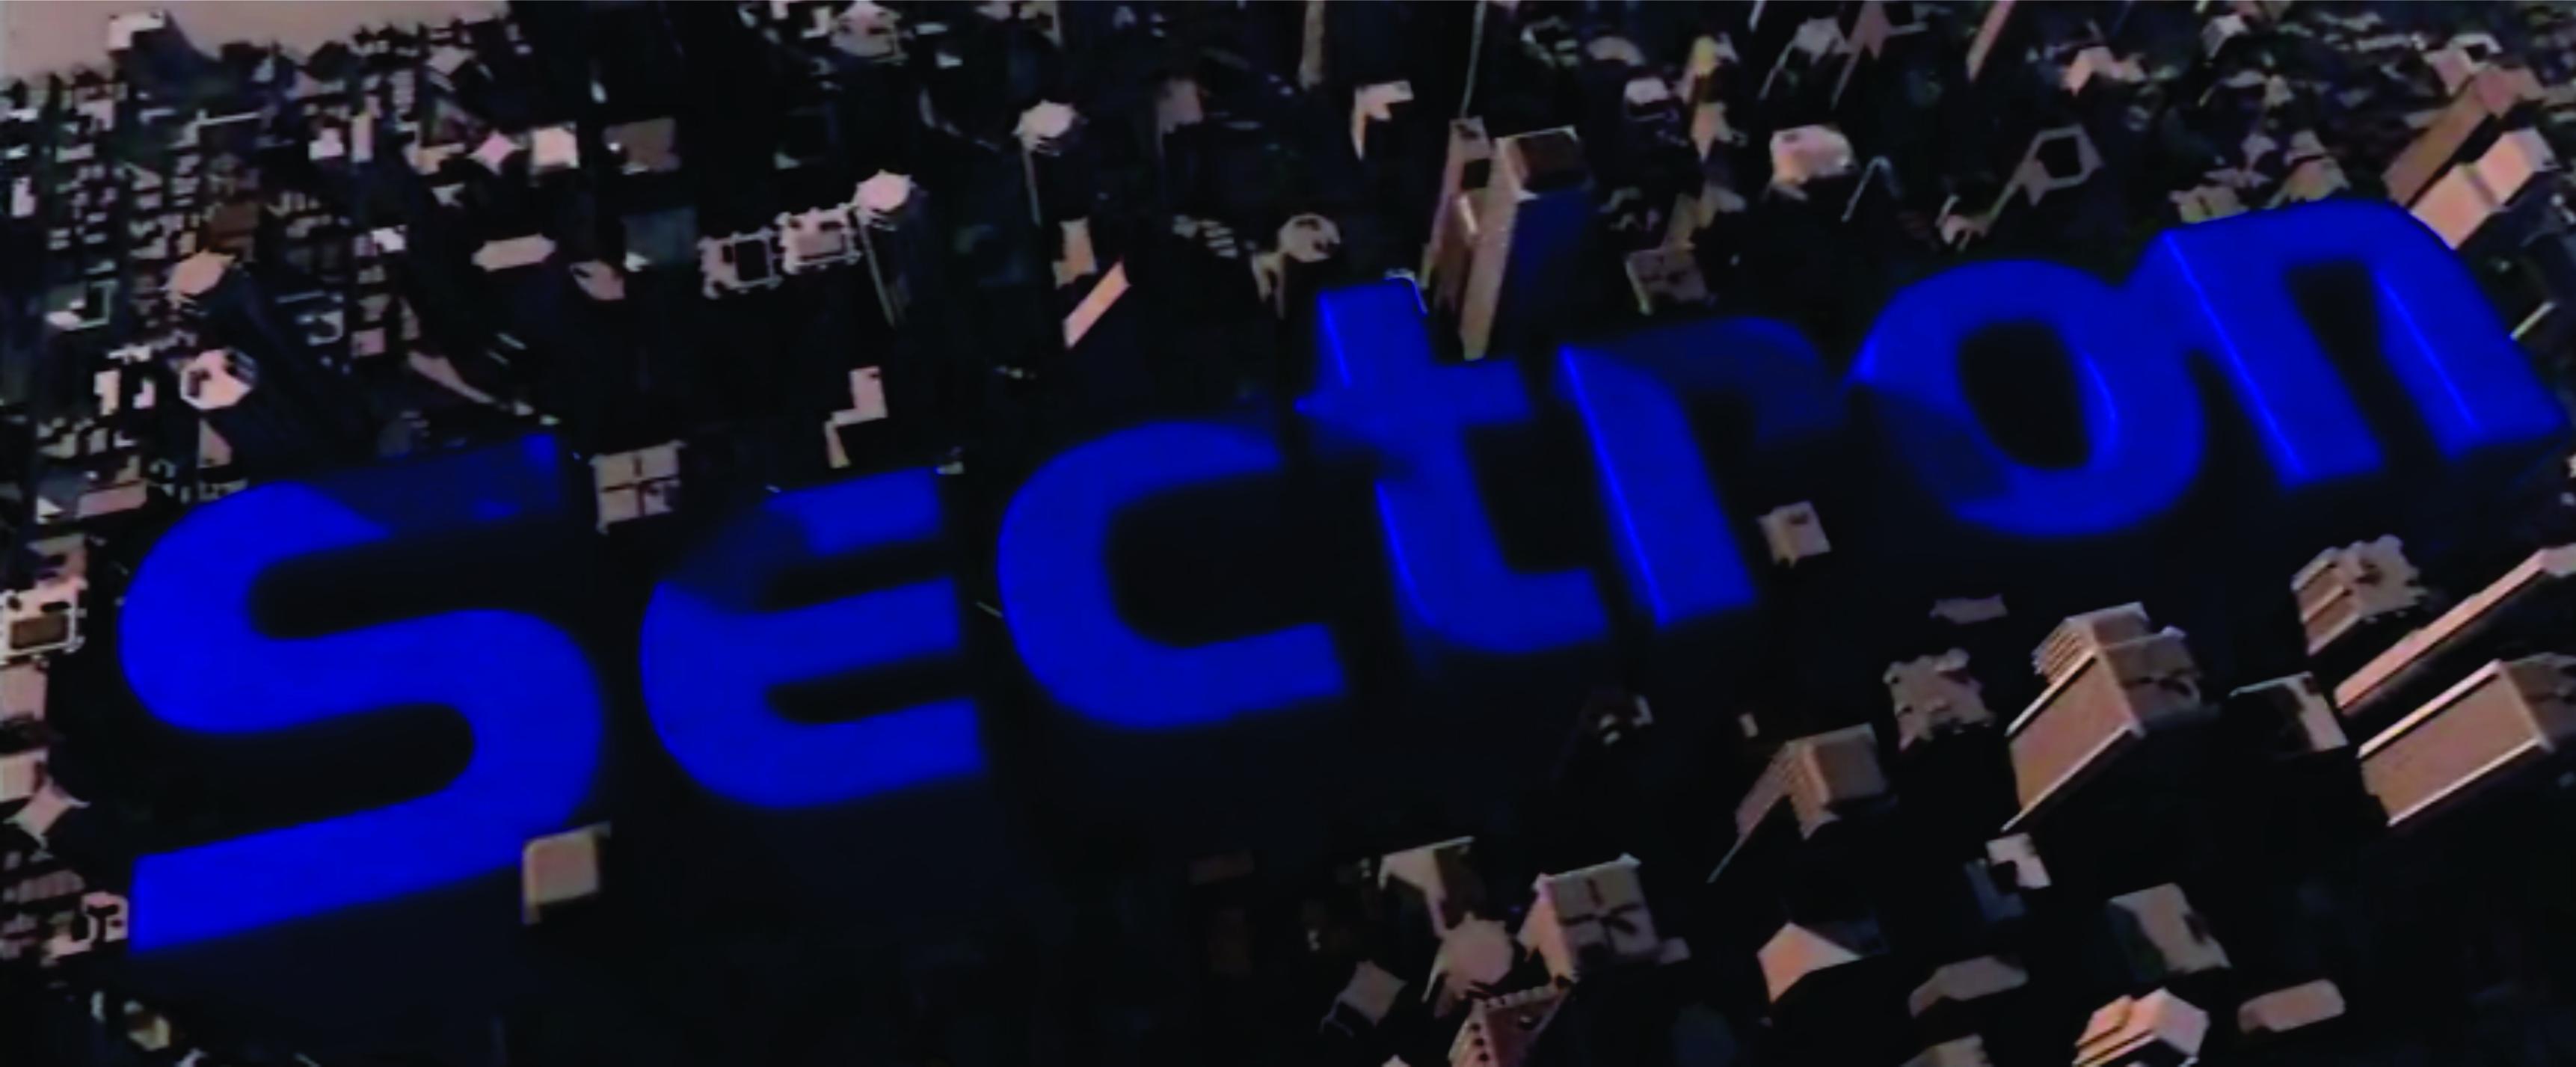 Institucional - Sectron Tecnologia para Elevadores